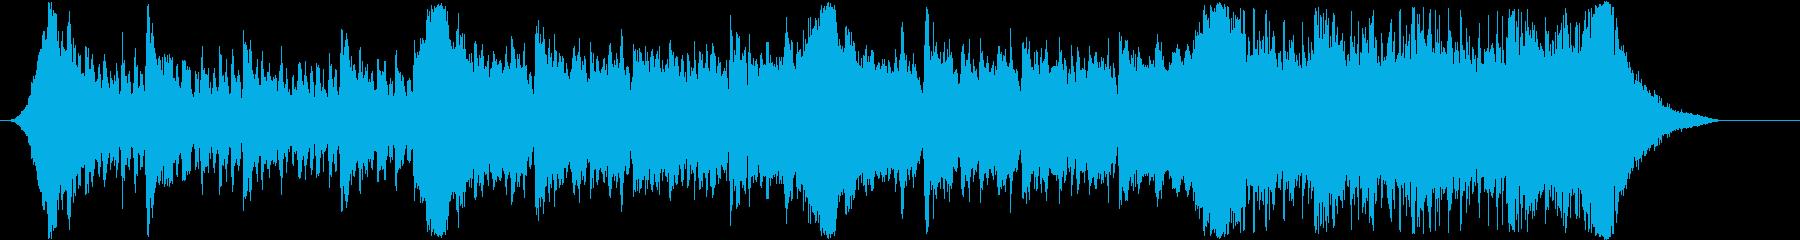 企業VPや映像21、壮大、オーケストラbの再生済みの波形